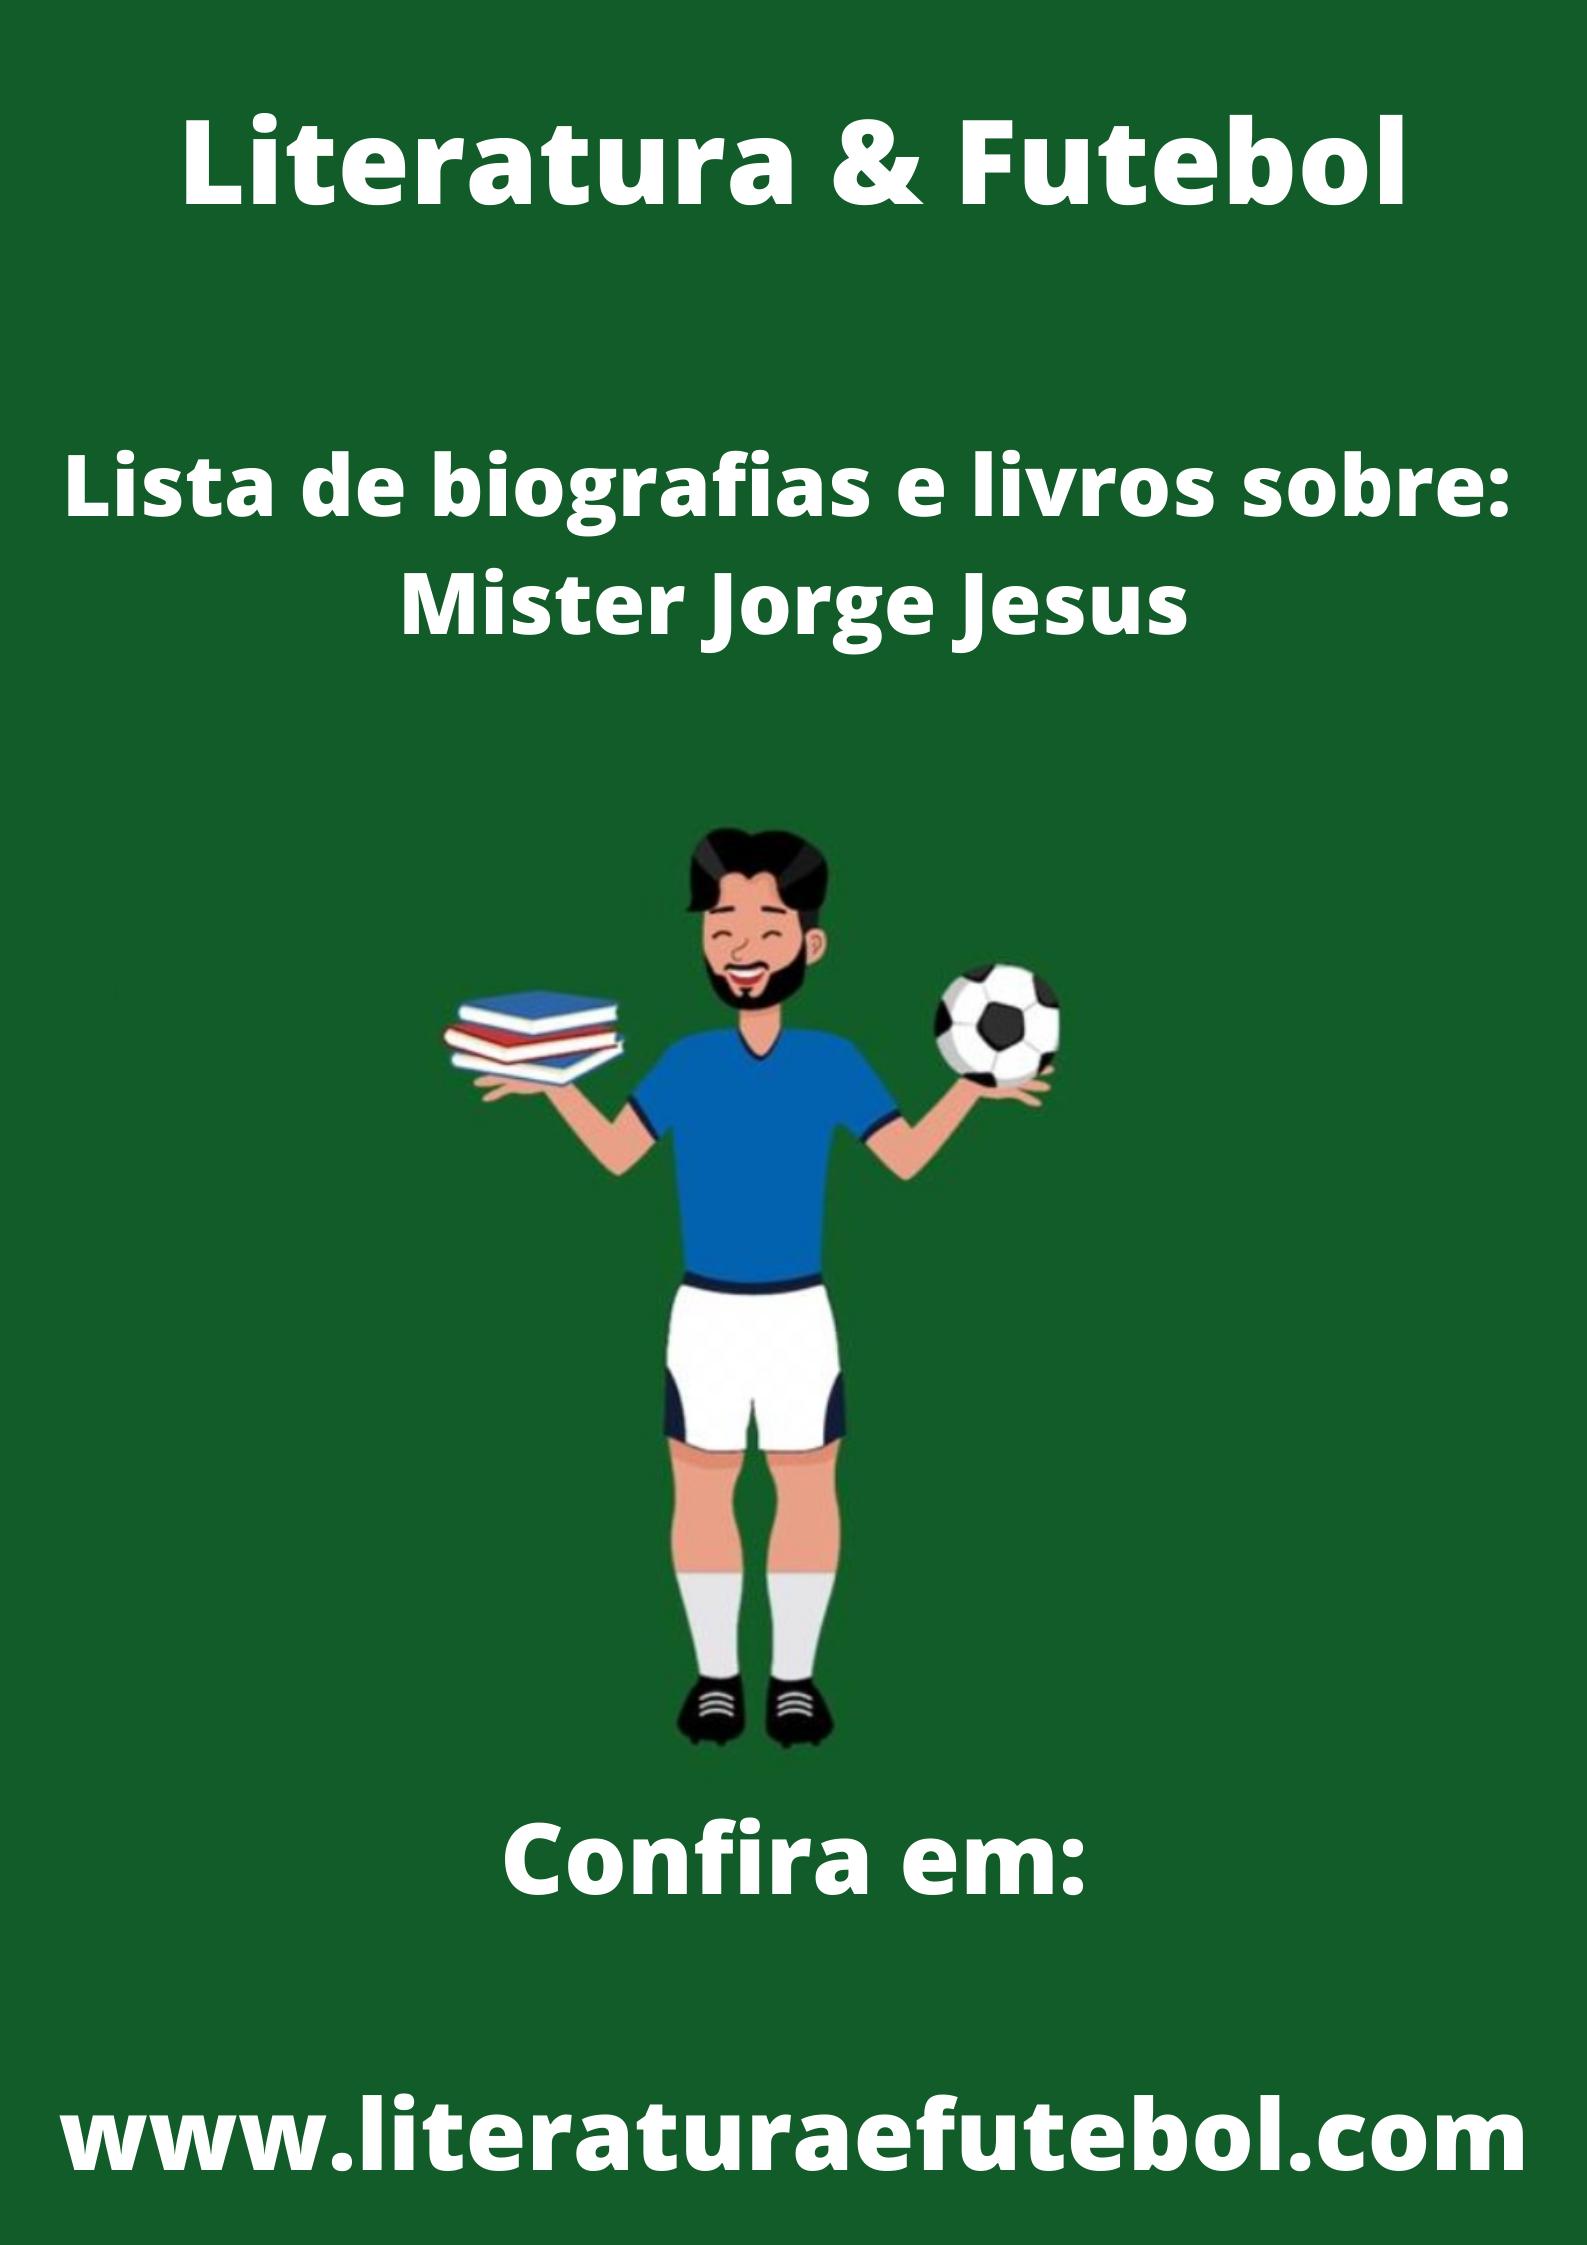 lista de biografias e livros sobre mister jorge jesus